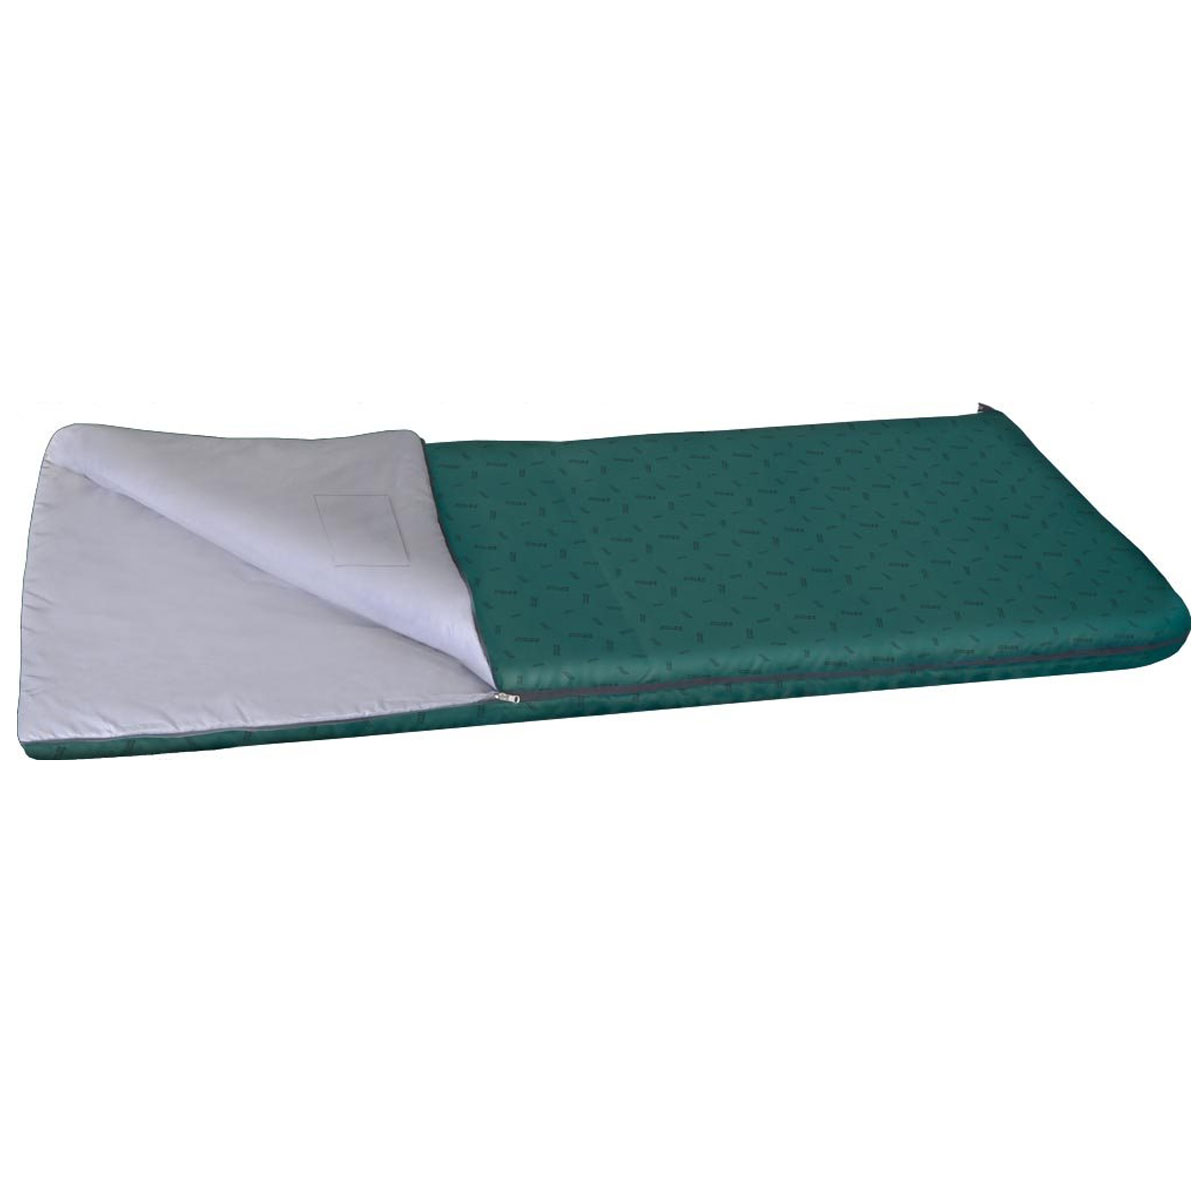 Спальный мешок NOVA TOUR Валдай 450, левосторонняя молния, цвет: навиС71346Комфортный демисезонный спальный мешок NOVA TOUR Валдай 450, трансформирующийся при необходимости в теплое одеяло.Спальный мешок серии весна-осень, конструкции одеяло с синтетическим наполнителем. Для уменьшения веса изготавливается без подголовника. Благодаря двухзамковой молнии, имеется возможность состегнуть два спальника в один двойной. Для сушки и проветривания изделия предусмотрены две петли в нижней части мешка. Компрессионный мешок в комплекте.